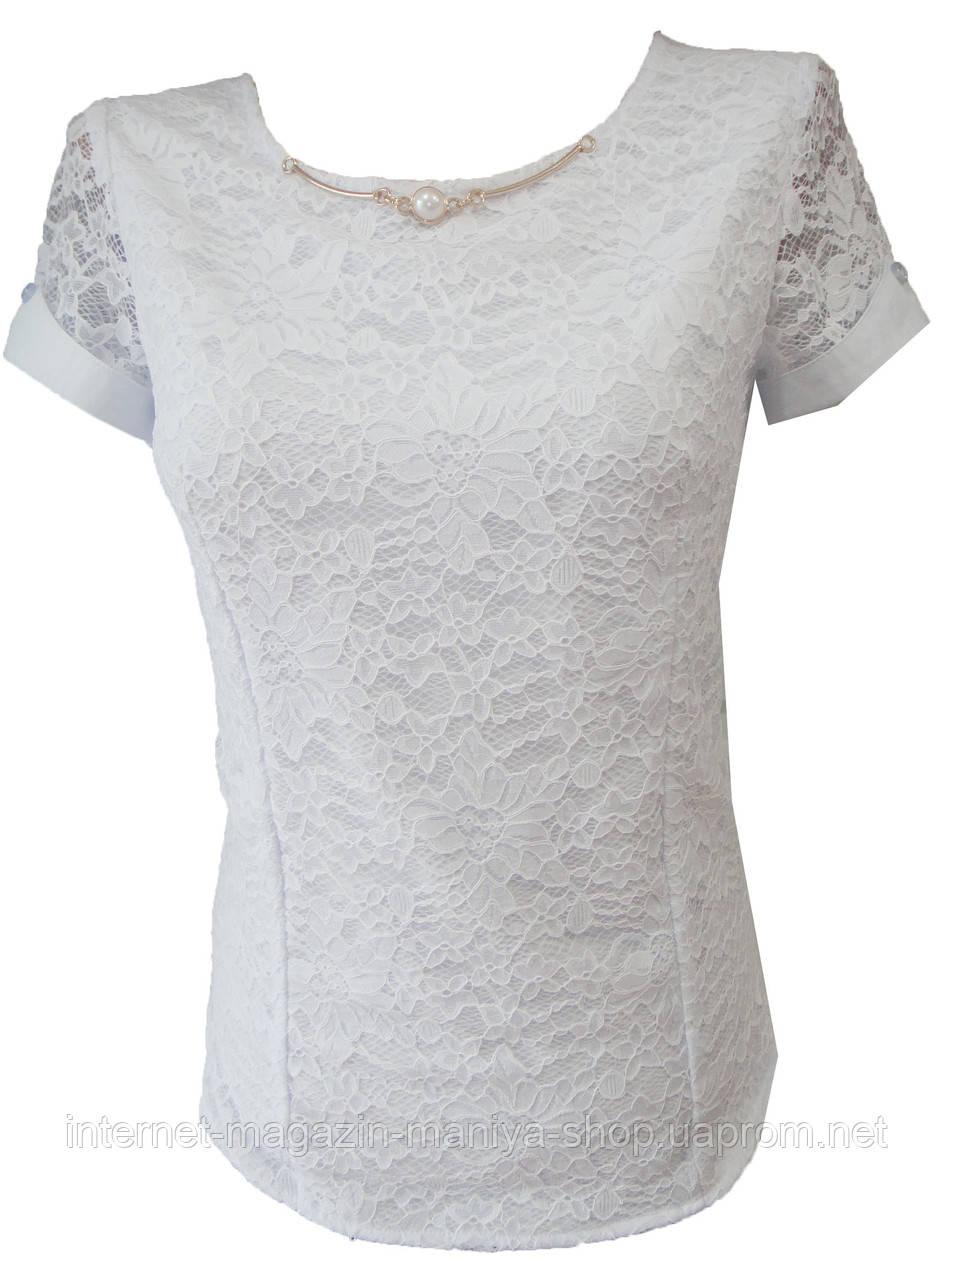 Блузка женская E3780 короткий рукав кружево украшение норма